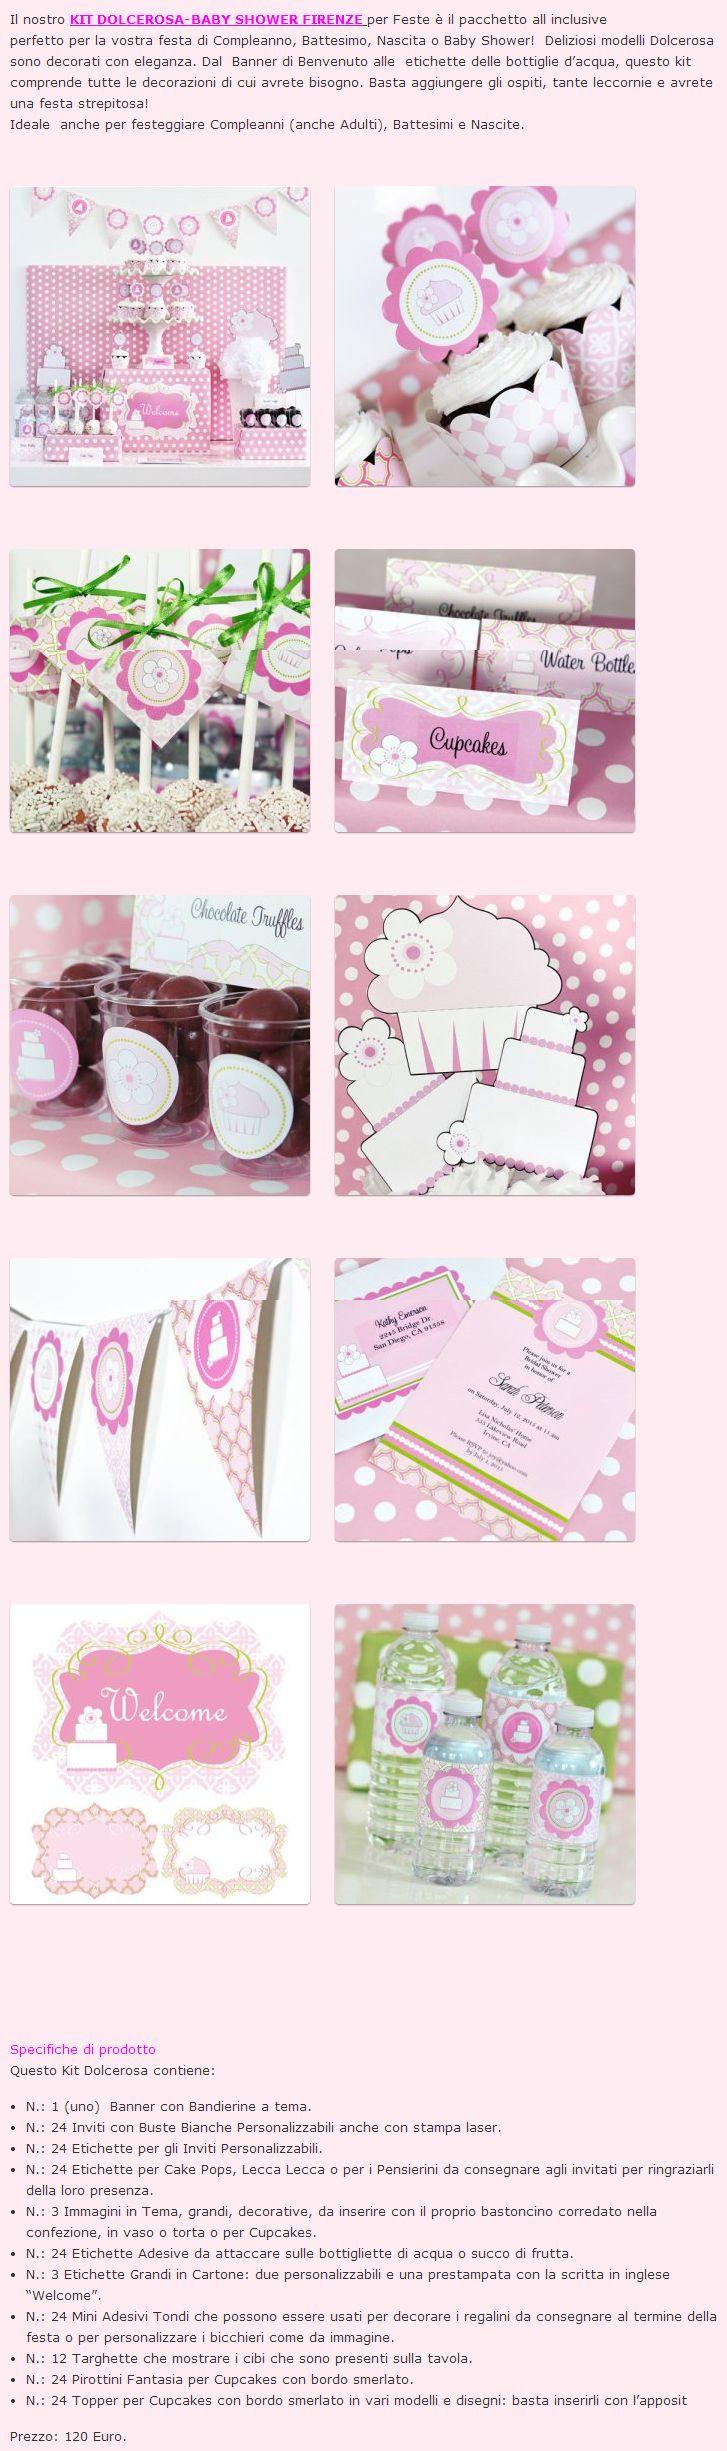 Kit Feste Dolcerosa...c'è qualcosa di più rosa e più dolce? #kitdolcerosa #dolce #rosa #dolcerosa #kitfeste #festa #adulto #bambino #babyshower #compleanno #nascita #battesimo #bimba